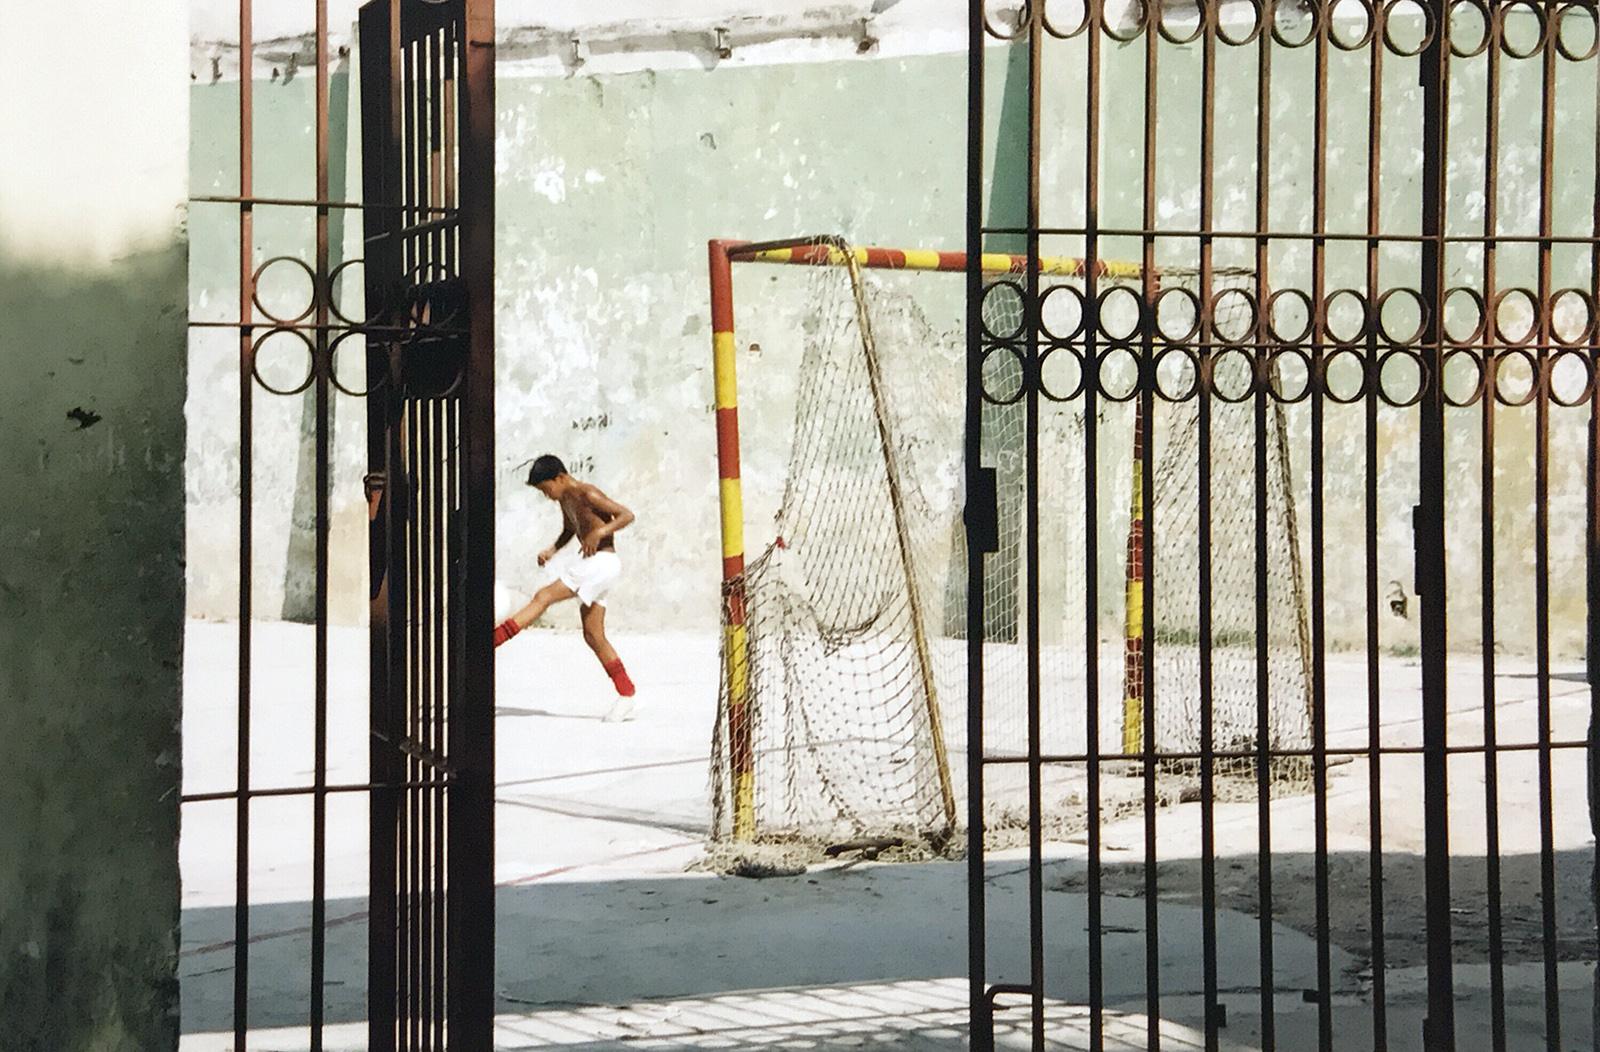 A lone footballer in Havana, Cuba 2000 © Tanya Clarke